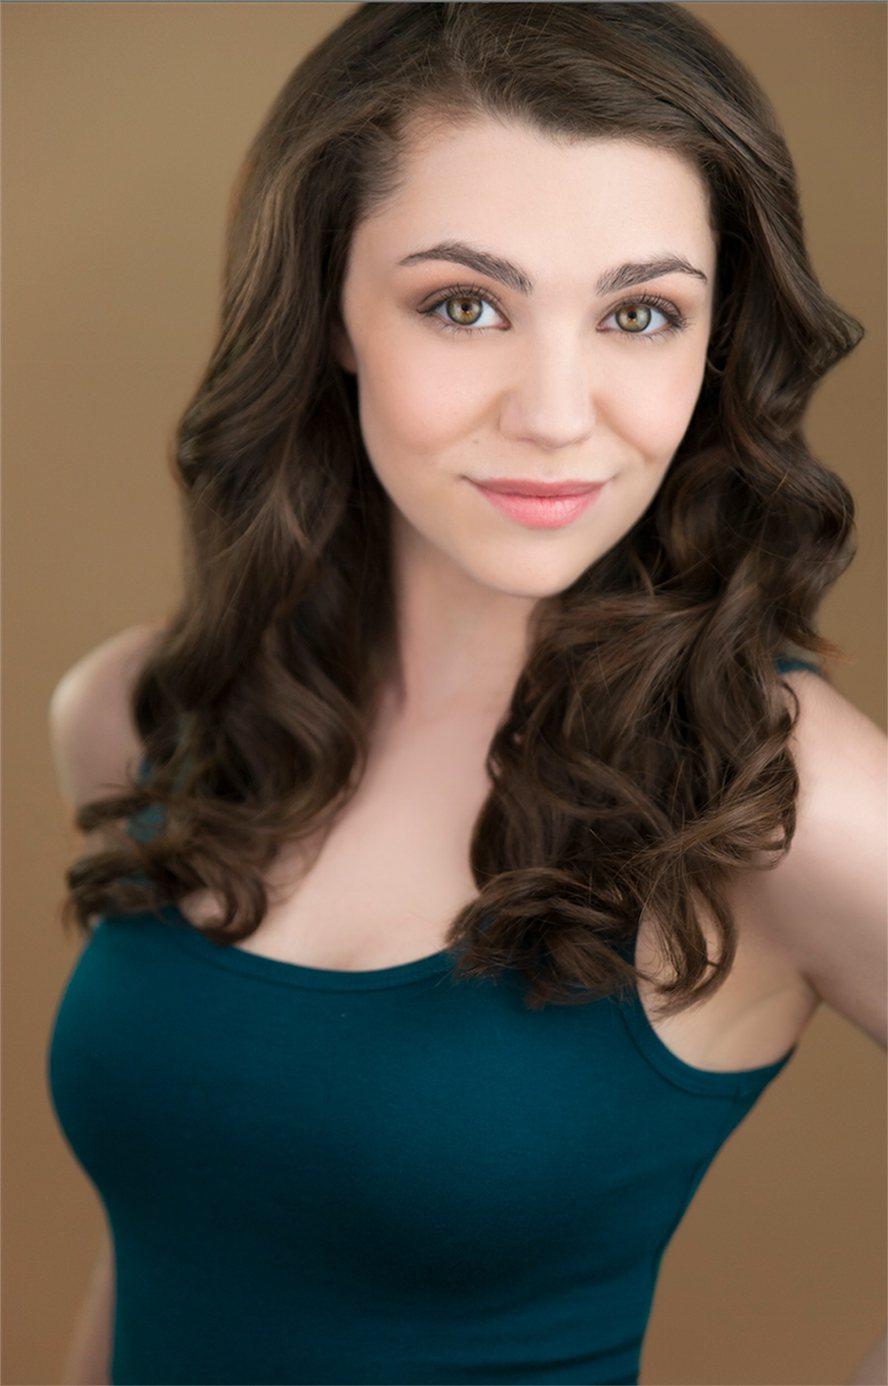 飾演「歌劇魅影」新版女主角「克莉絲汀」的卡莉安沃爾希,年僅20歲就雀屏中選該角。...